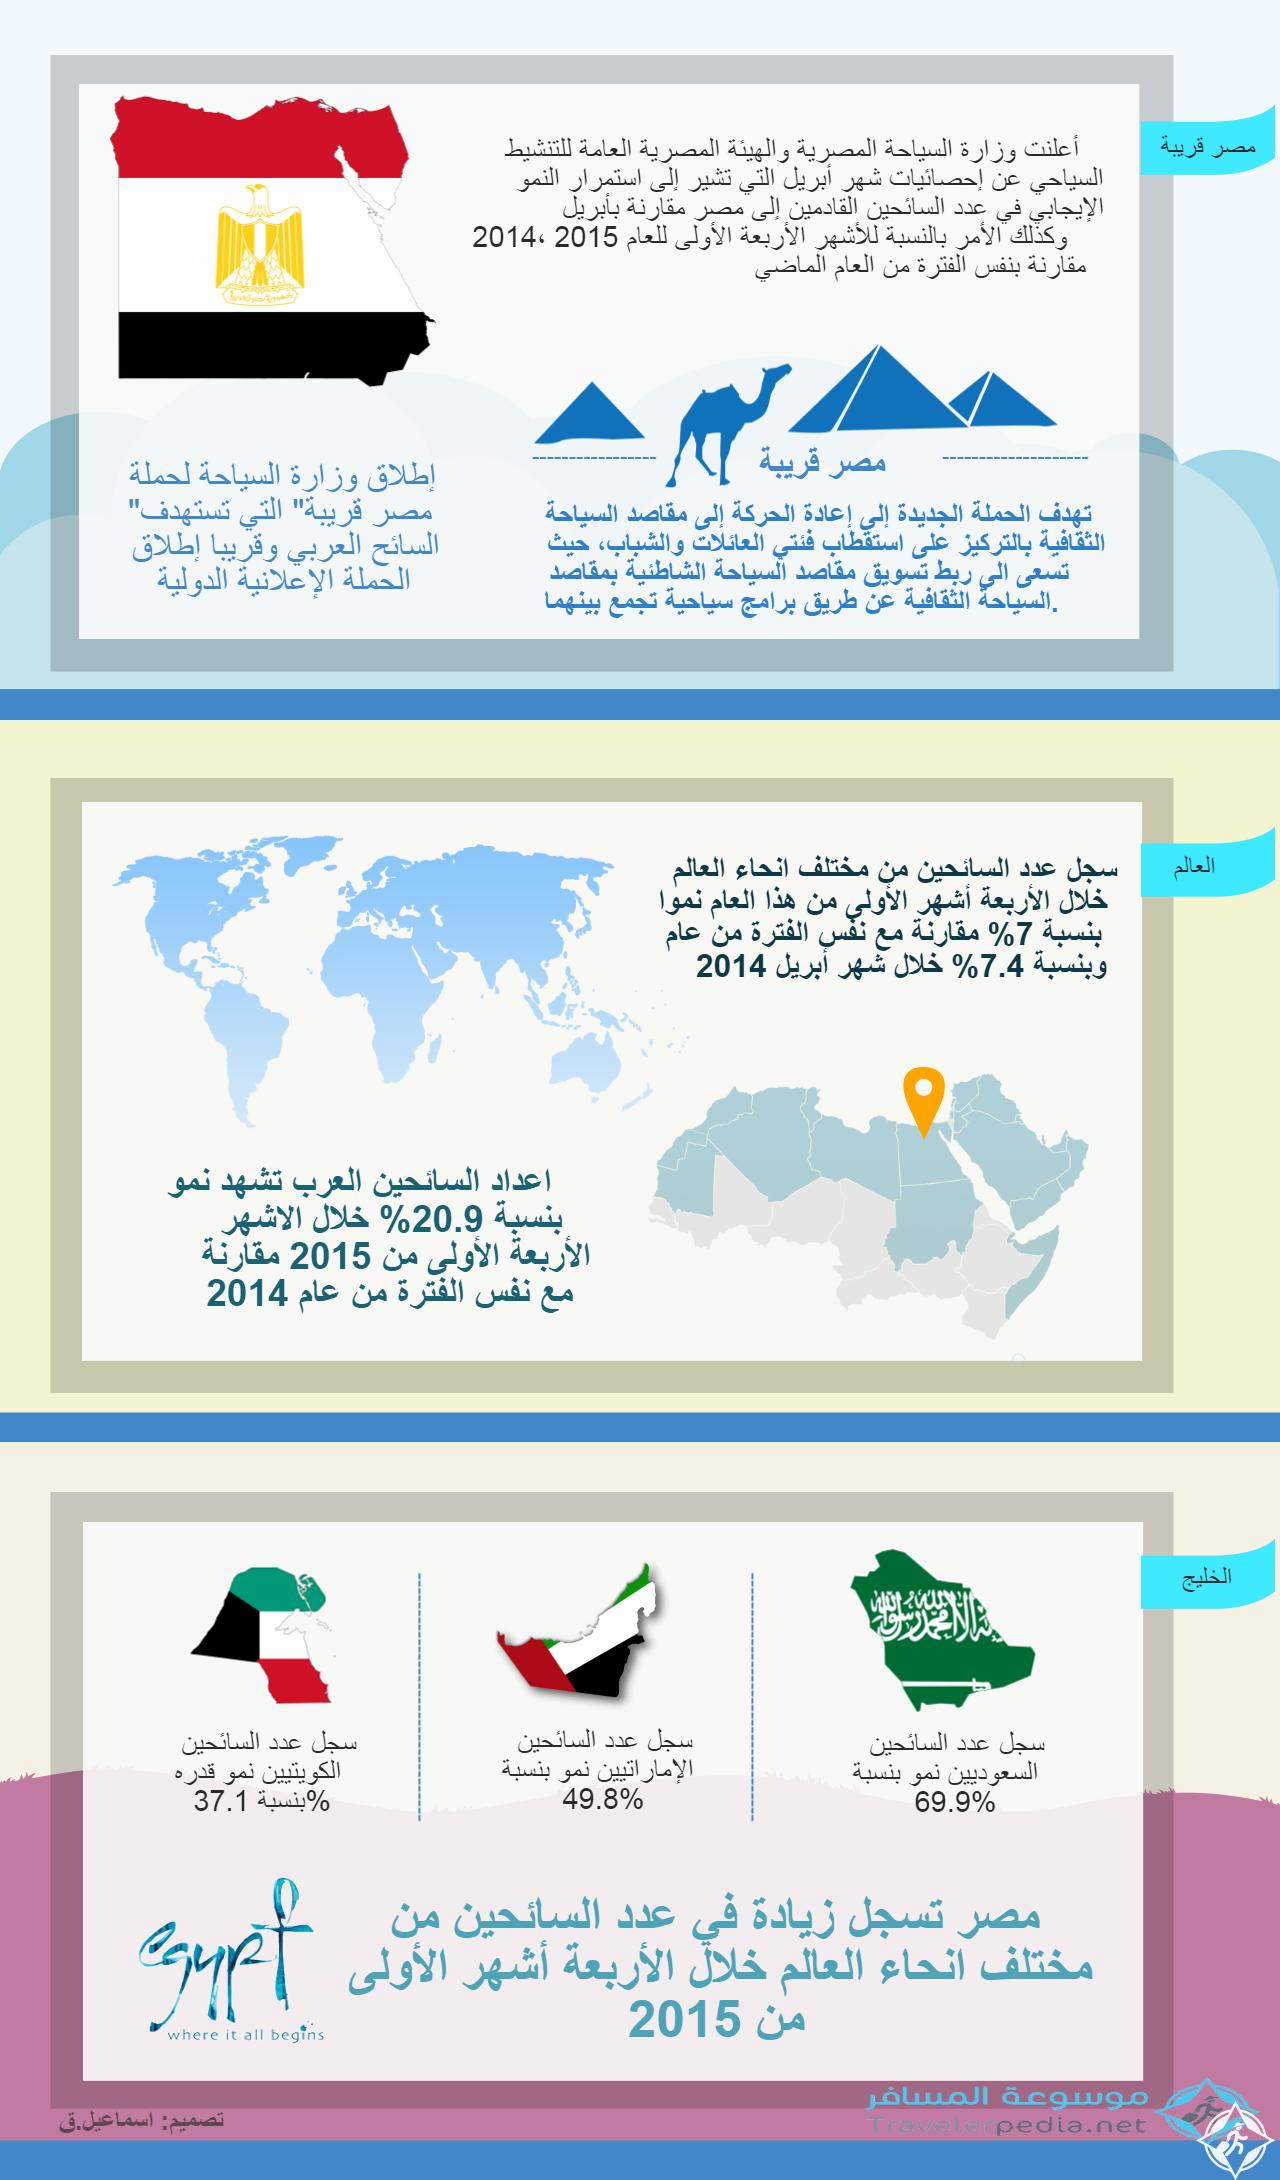 نمو السياحة المصرية خلال الثلاثي الأول 2015